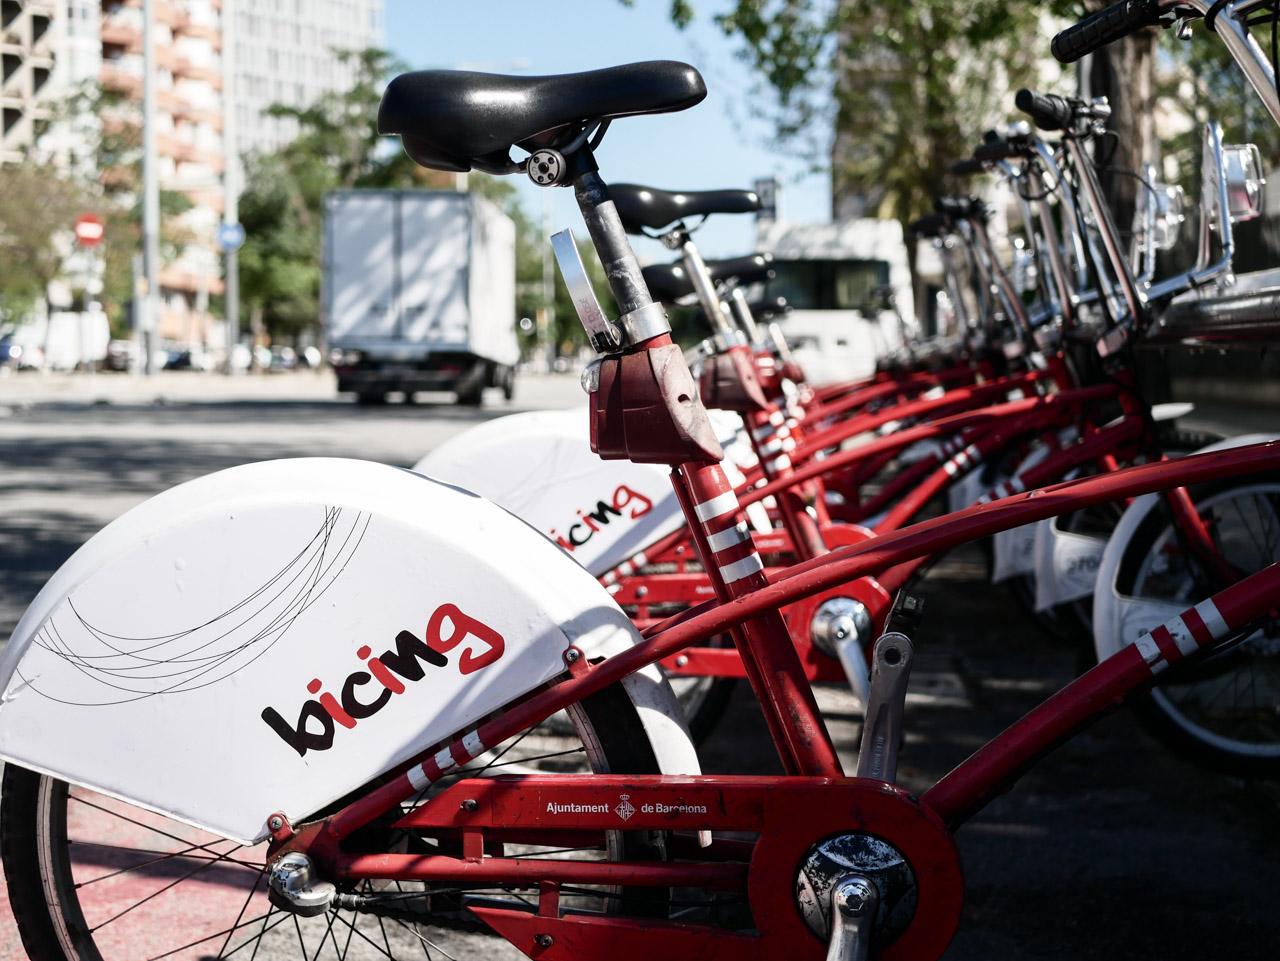 Le vélo : le meilleur moyen de visiter Barcelone